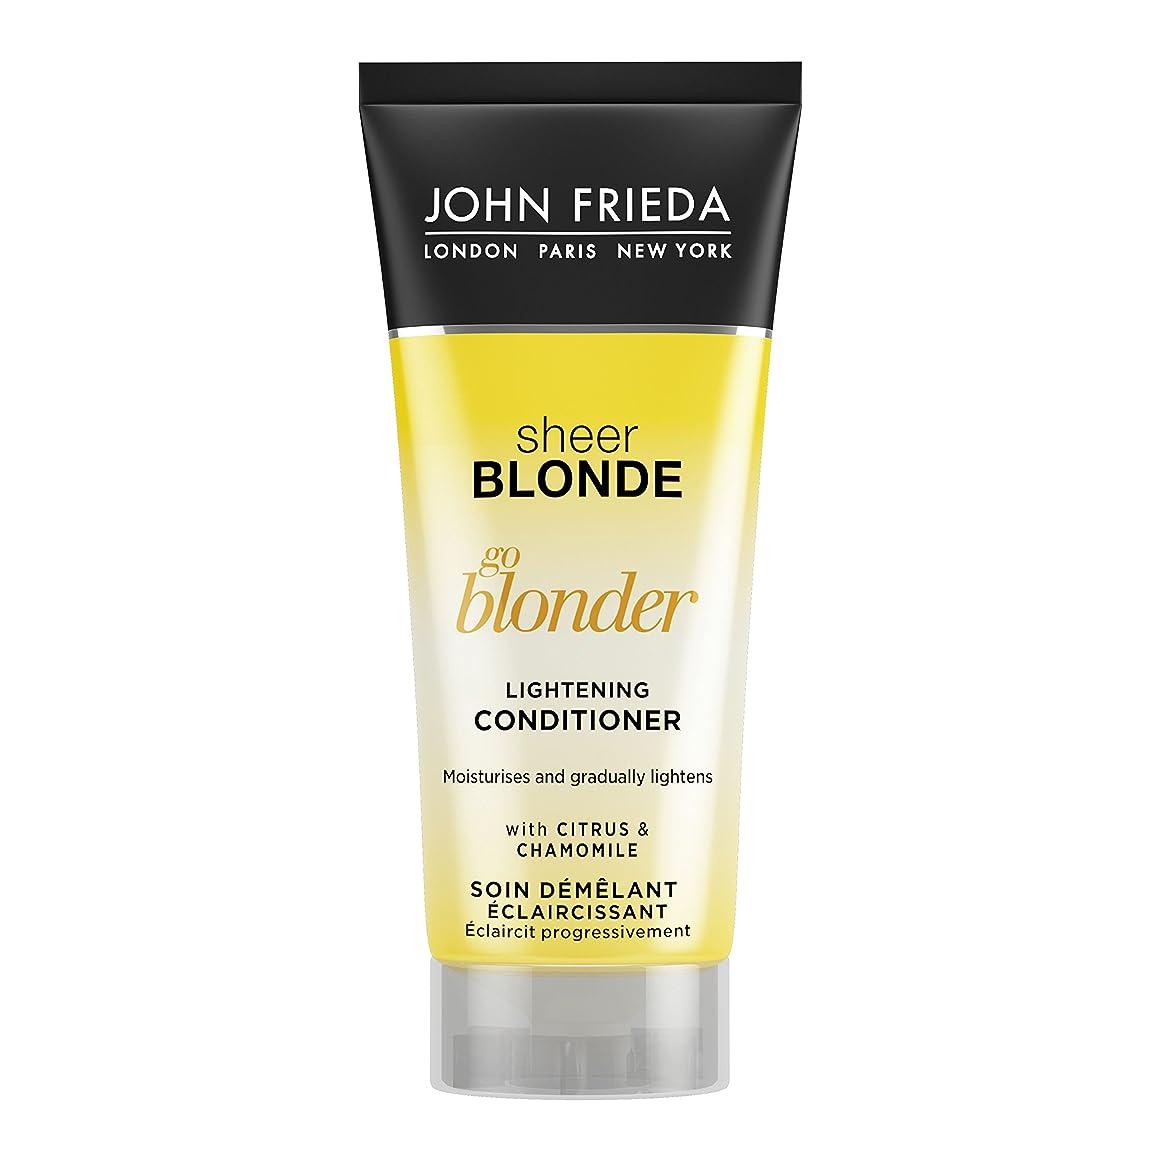 終了しました非常に怒っています地下室John Frieda Sheer Blonde Go Blonder Lightening Conditioner Travel Size 50ml